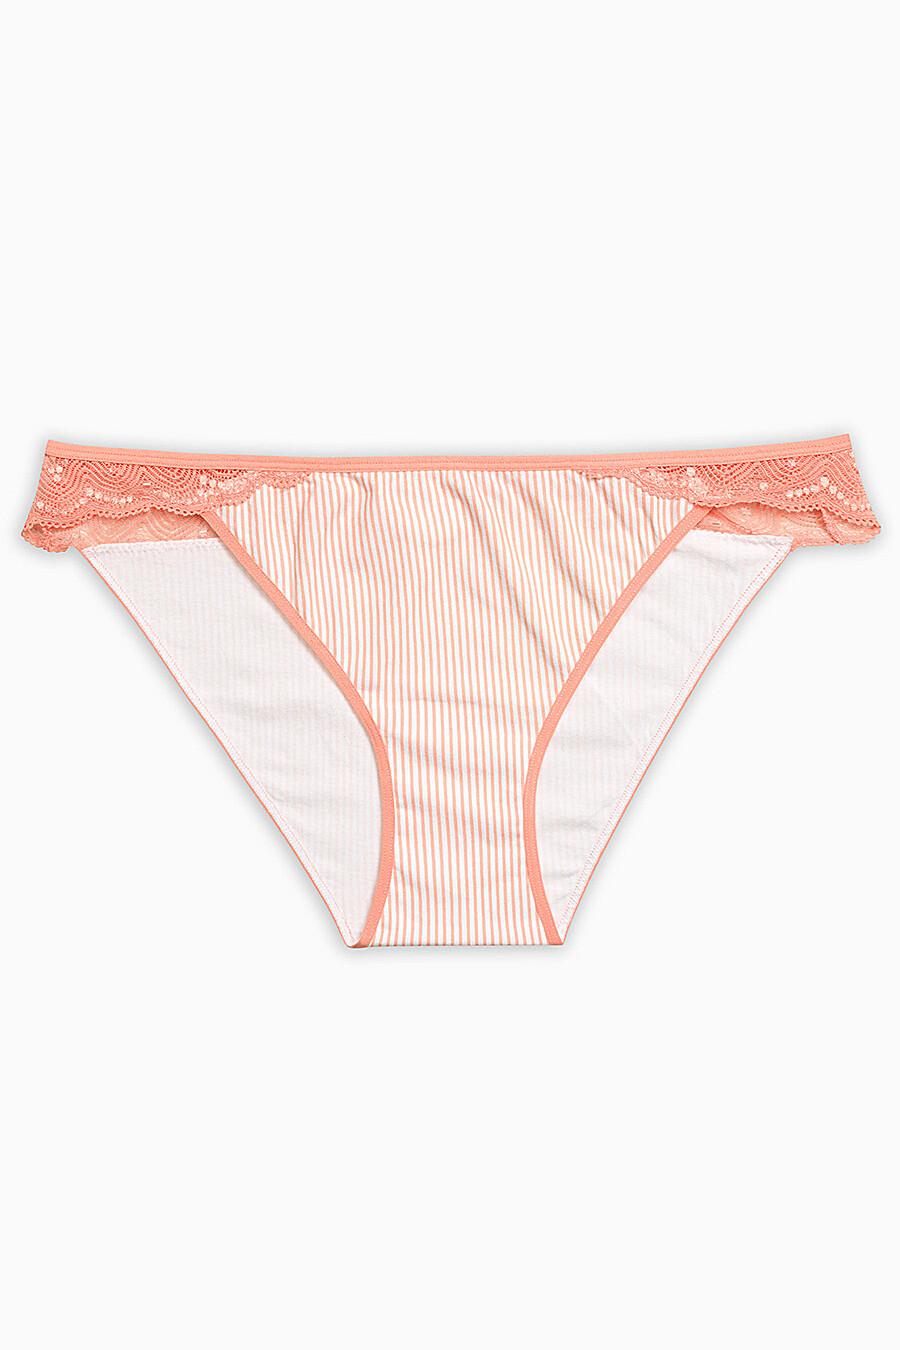 Трусы для женщин PELICAN 146459 купить оптом от производителя. Совместная покупка женской одежды в OptMoyo